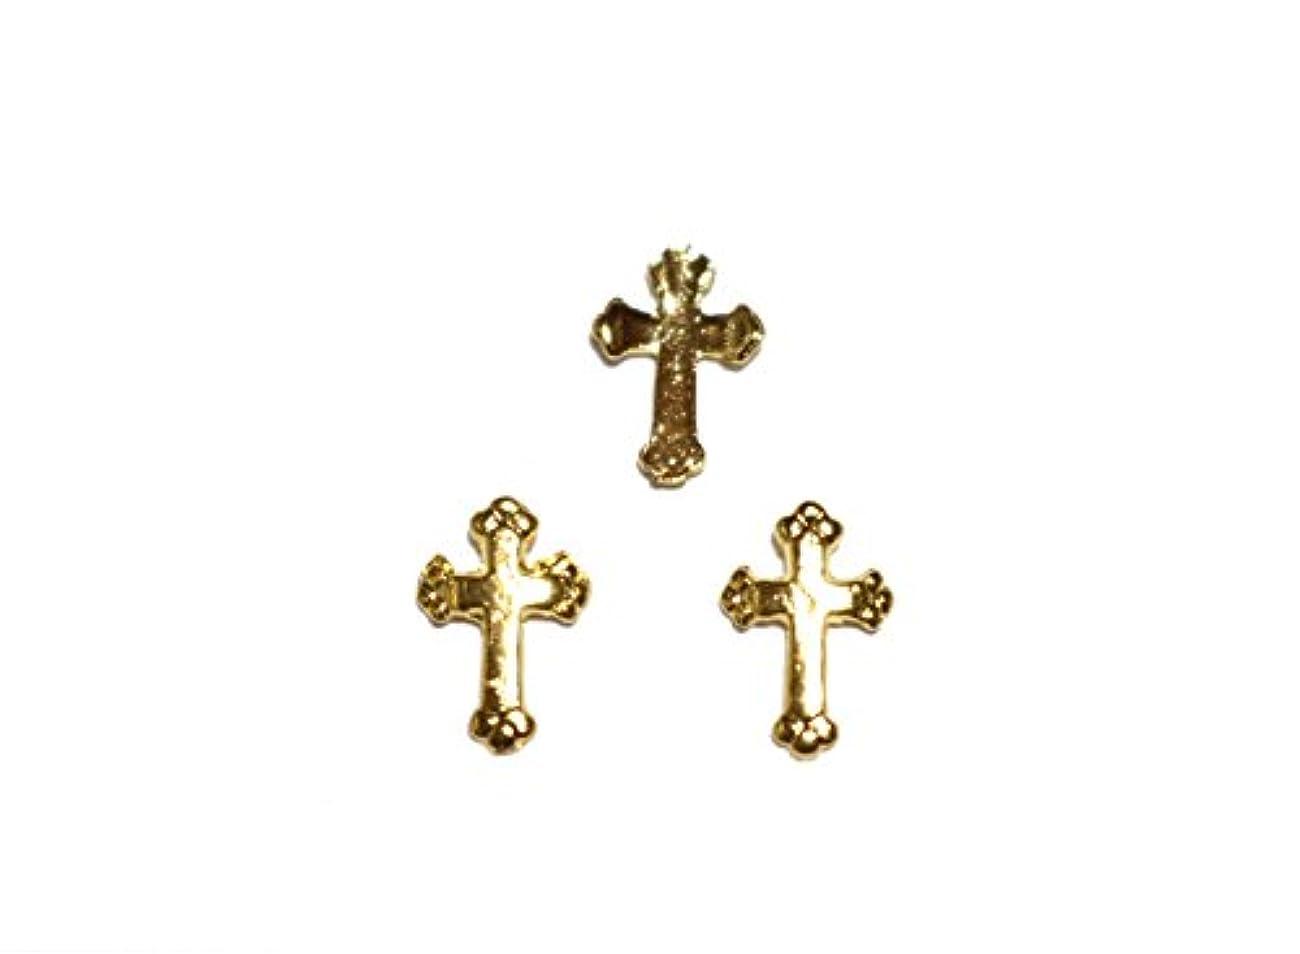 チューリップかもめ他の場所【jewel】メタルネイルパーツ クロス 5個入 ゴールドorシルバー 十字架型 スタッズ ジェルネイル デコ素材 (ゴールド)